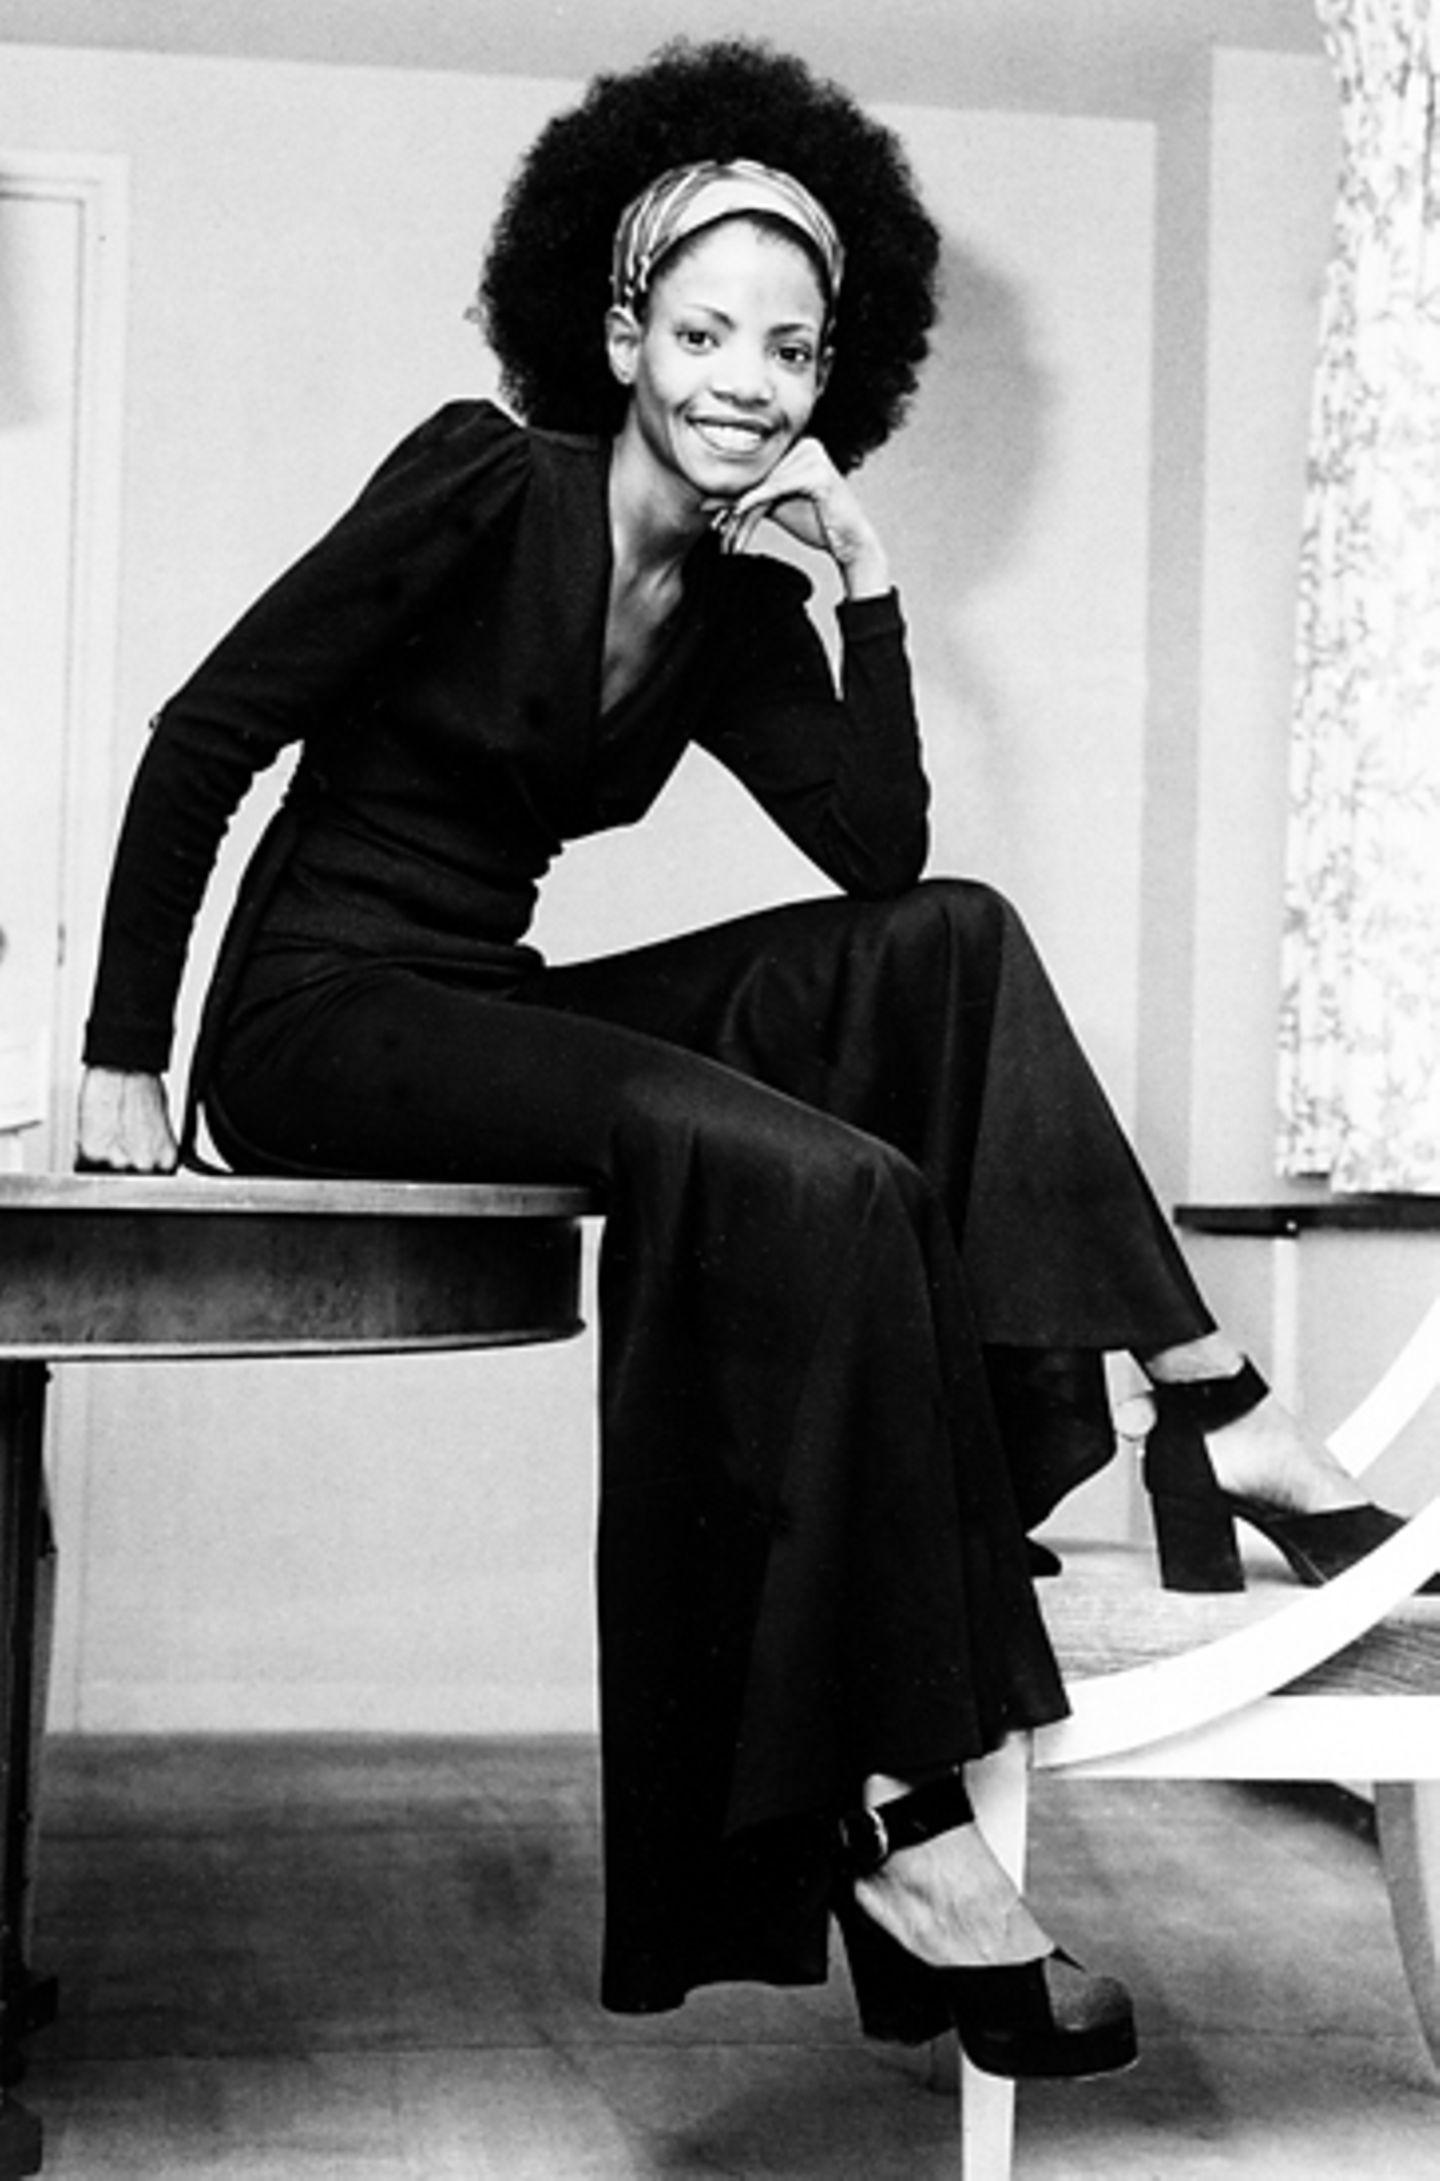 Die Sängerin und Schauspielerin Melba Moore präsentiert schon 1972 einen modsichen Afro.